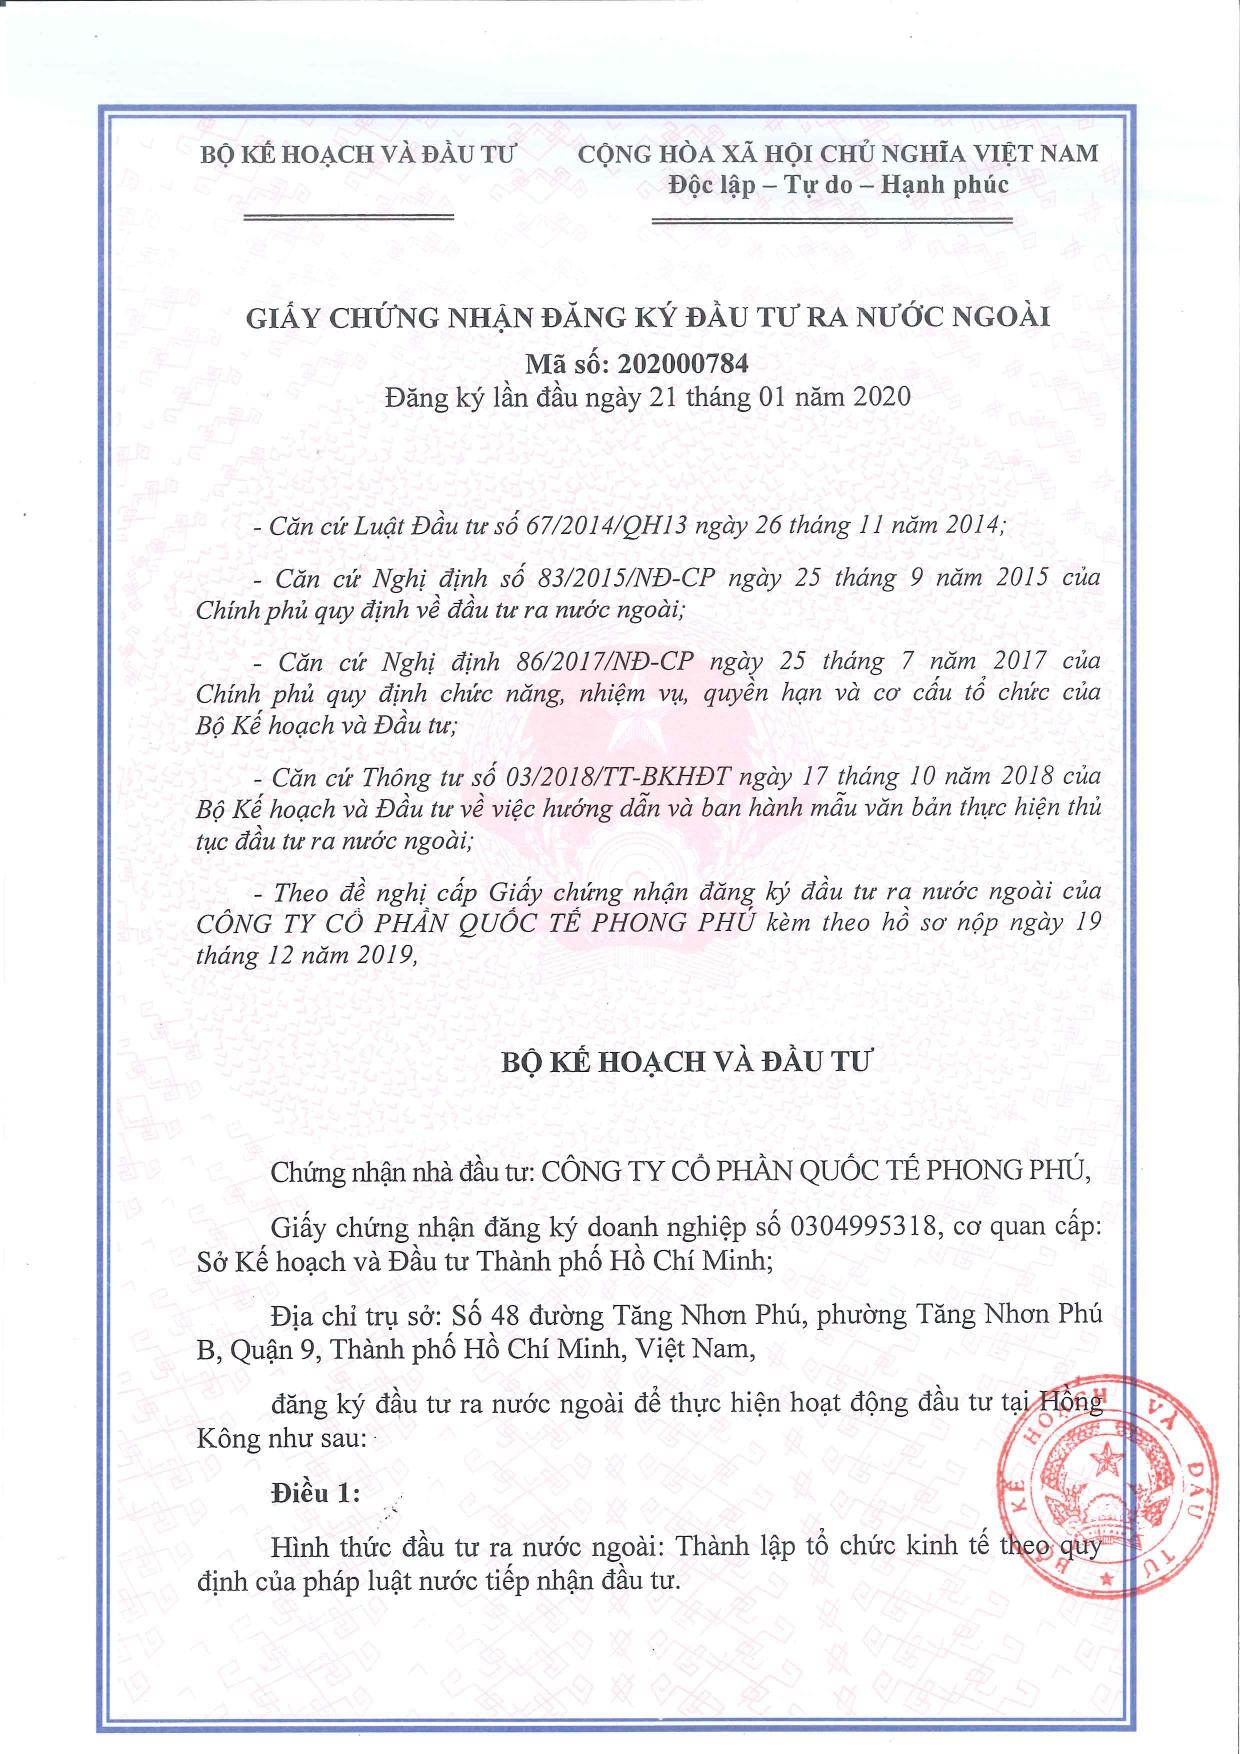 SB Law tư vấn Công ty cổ phần Quốc tế Phong Phú đầu tư ra nước